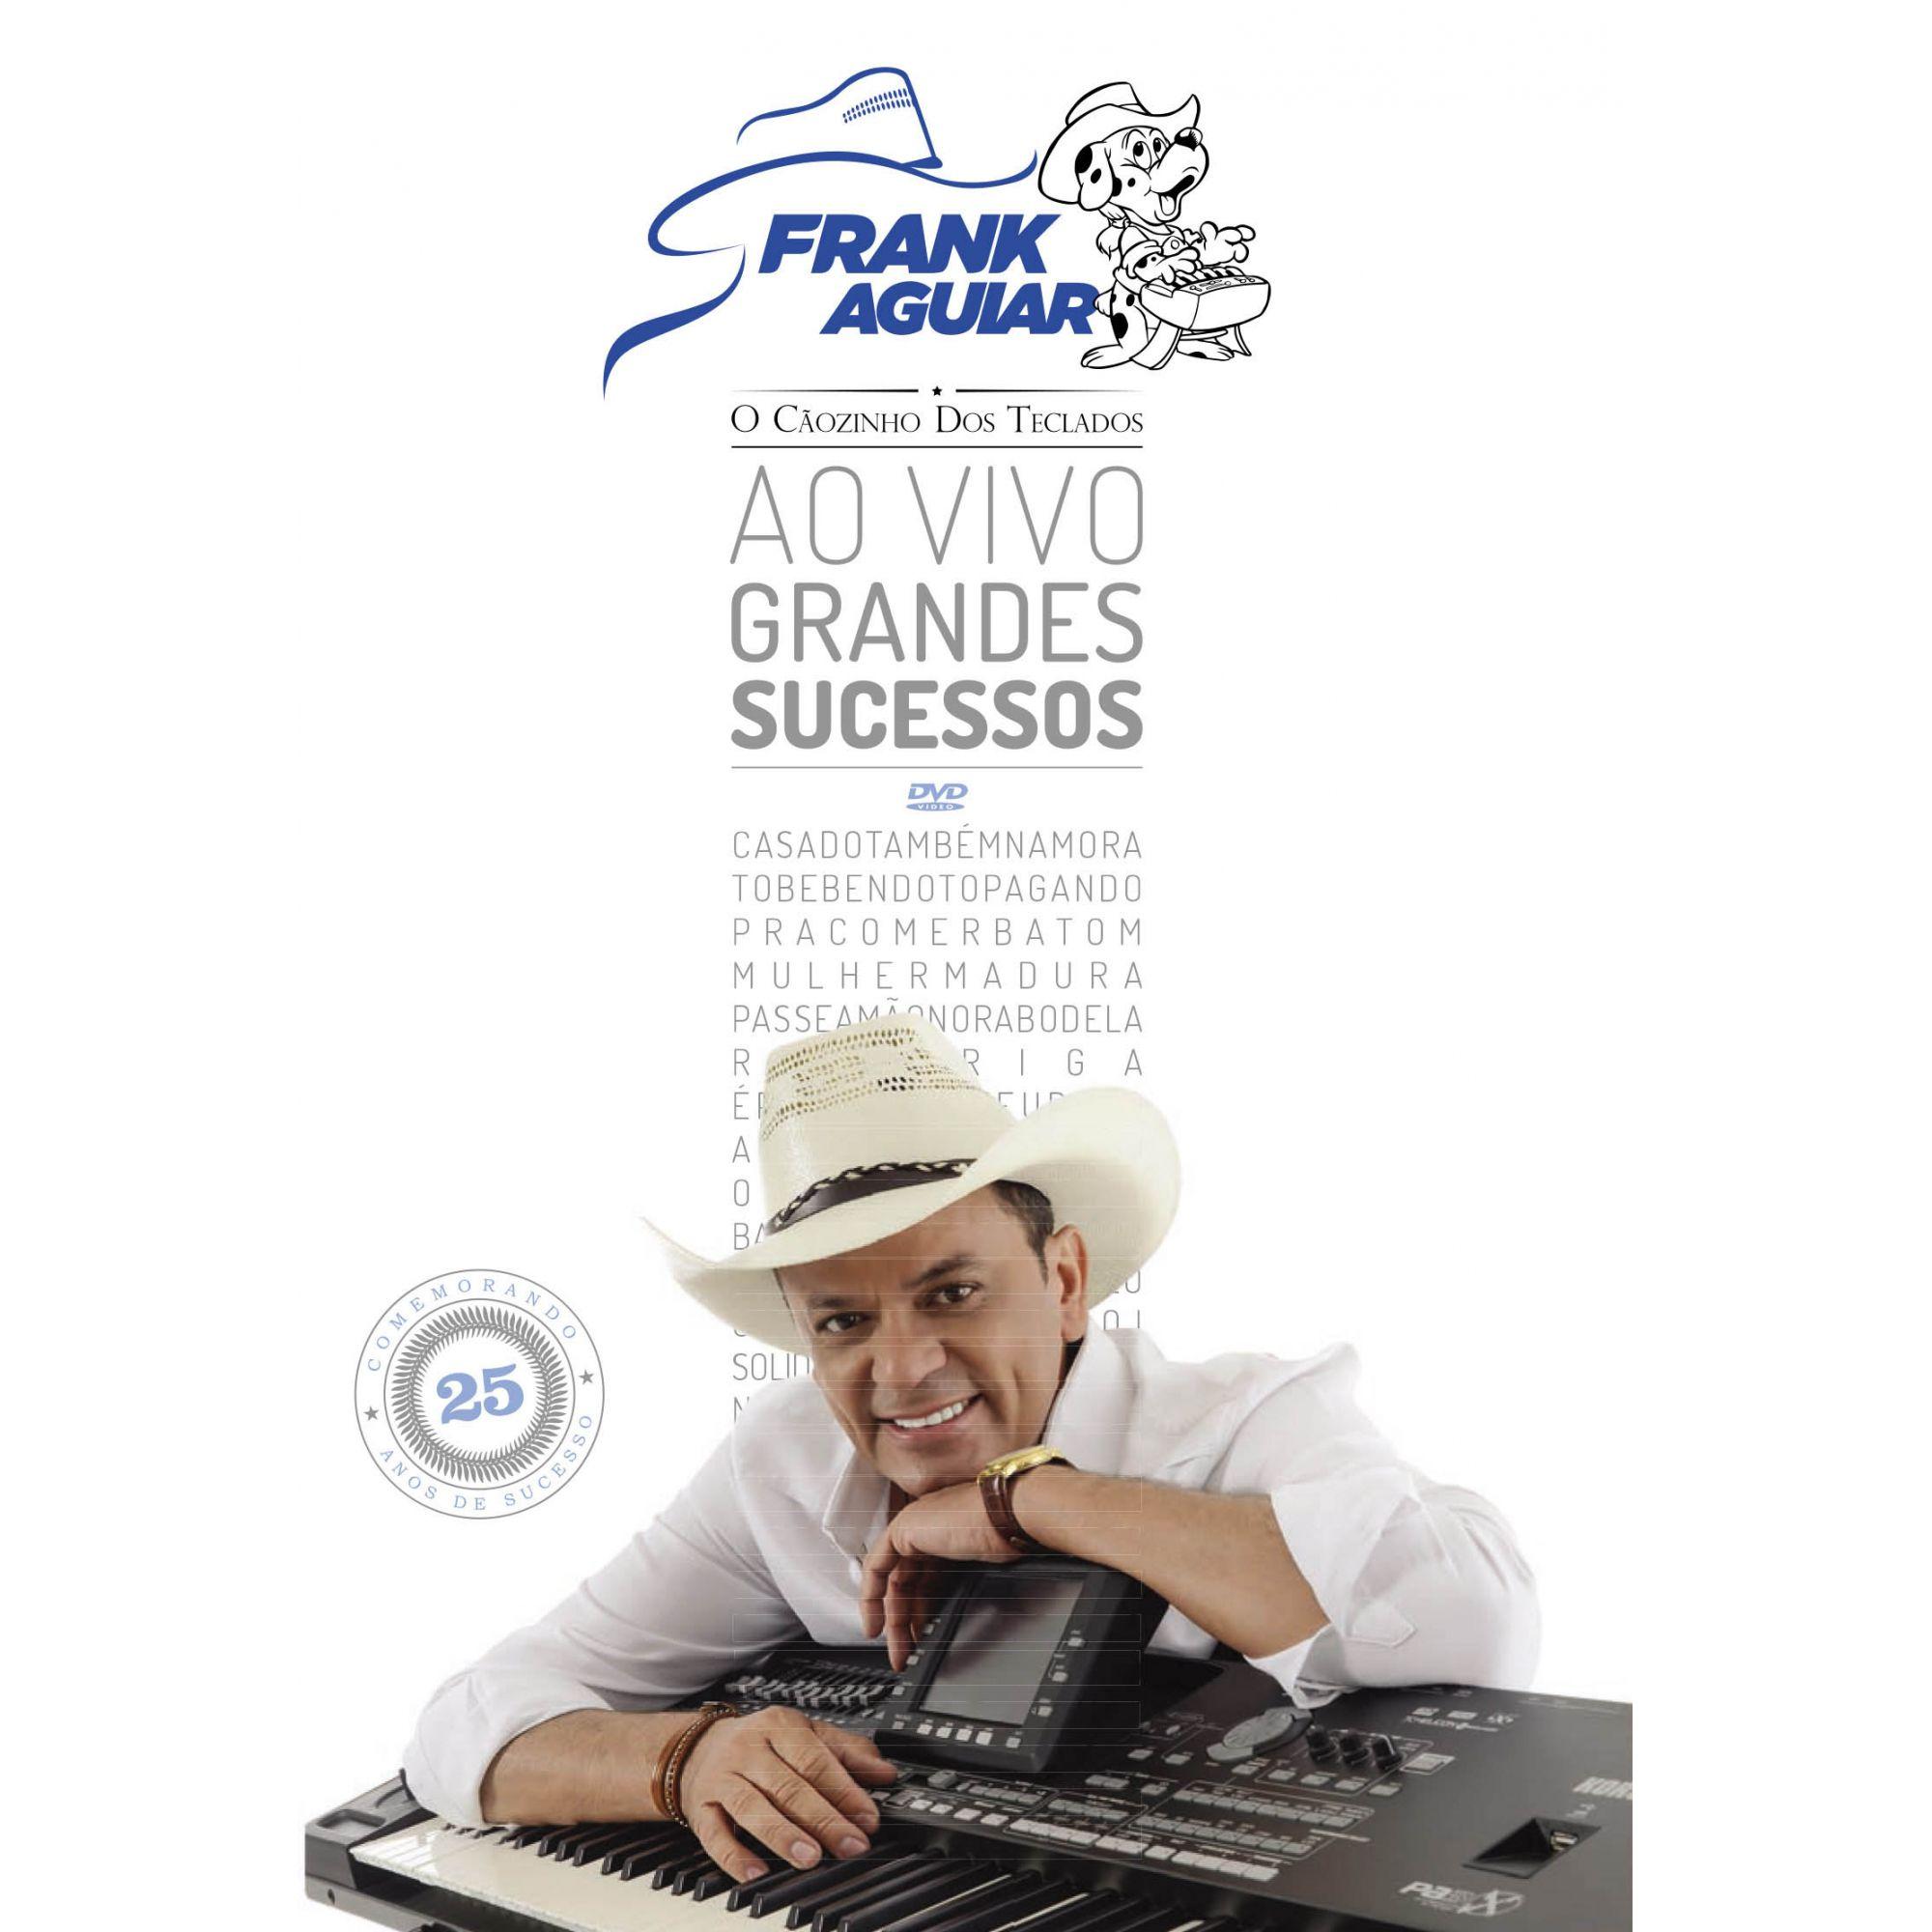 DVD Frank Aguiar - Grandes Sucessos Ao Vivo